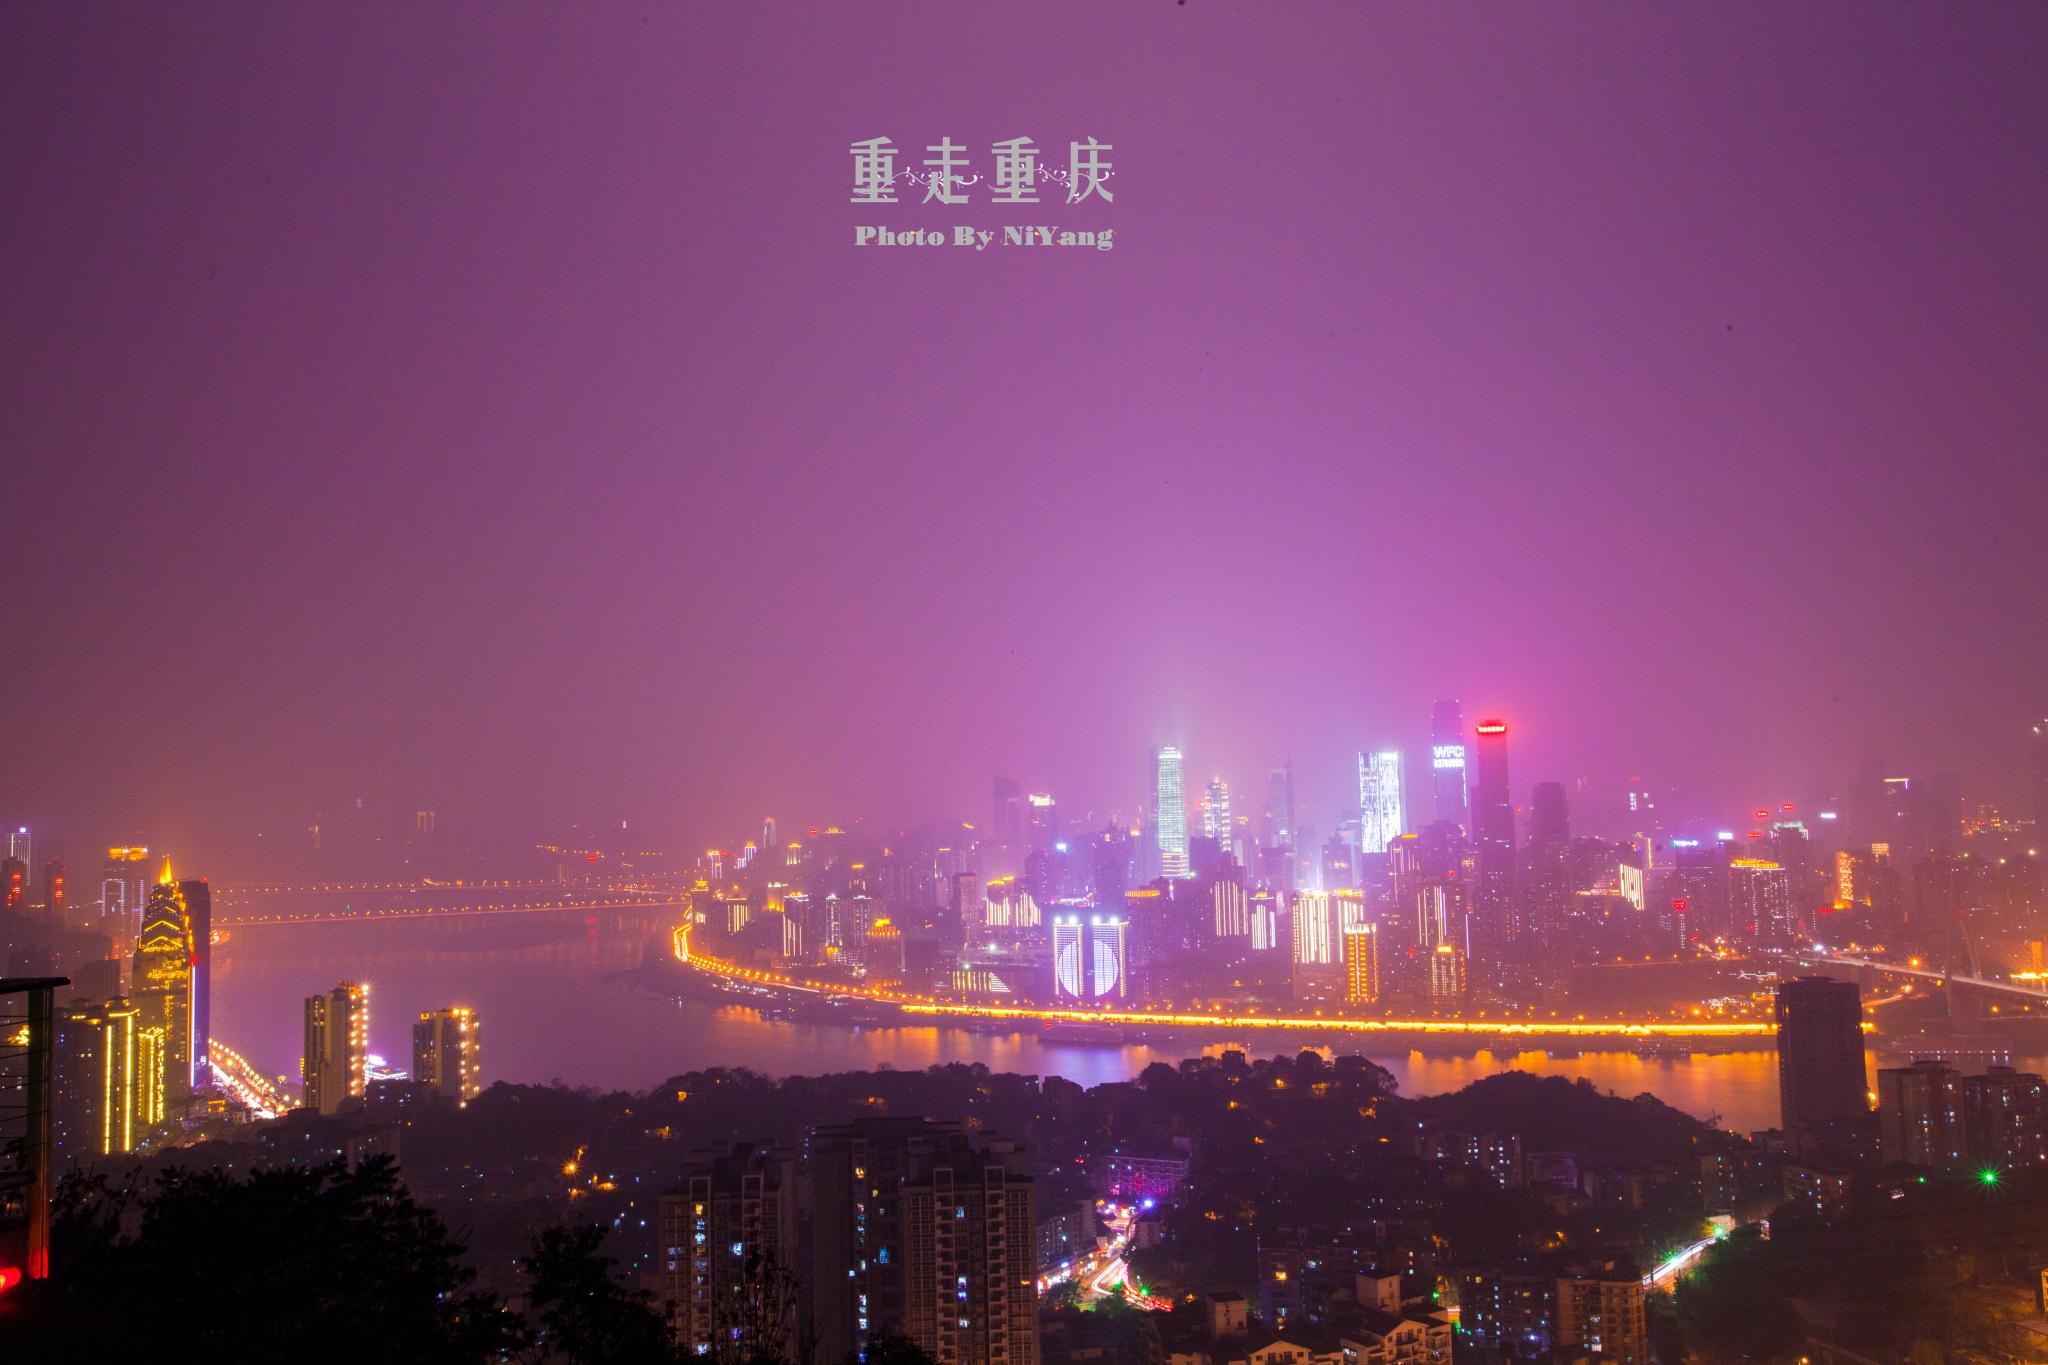 中国最坚毅的城市,曾抗住了长达六年半的轰炸